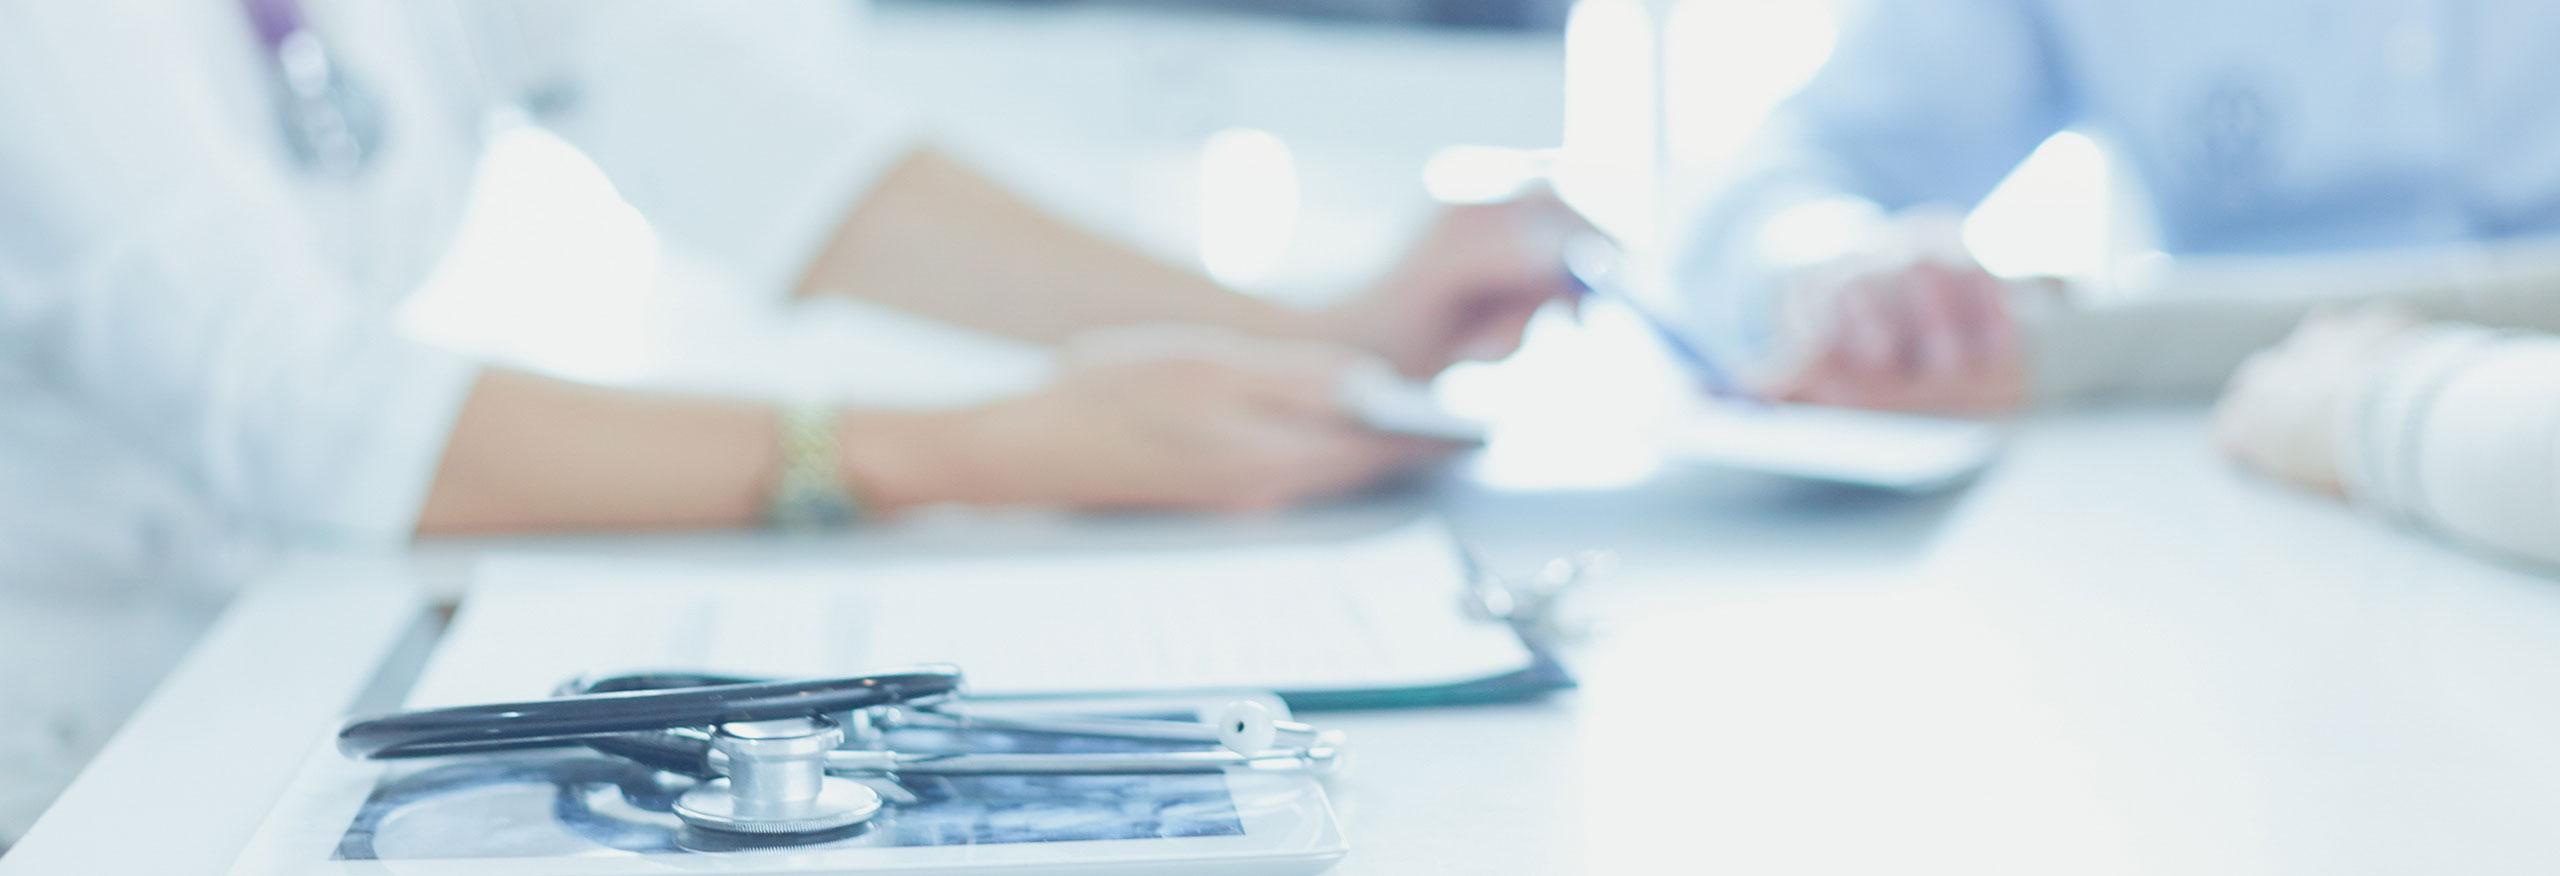 Laboratorio Analisi Mediche - Ecografie - Ambulatori Medici Privati